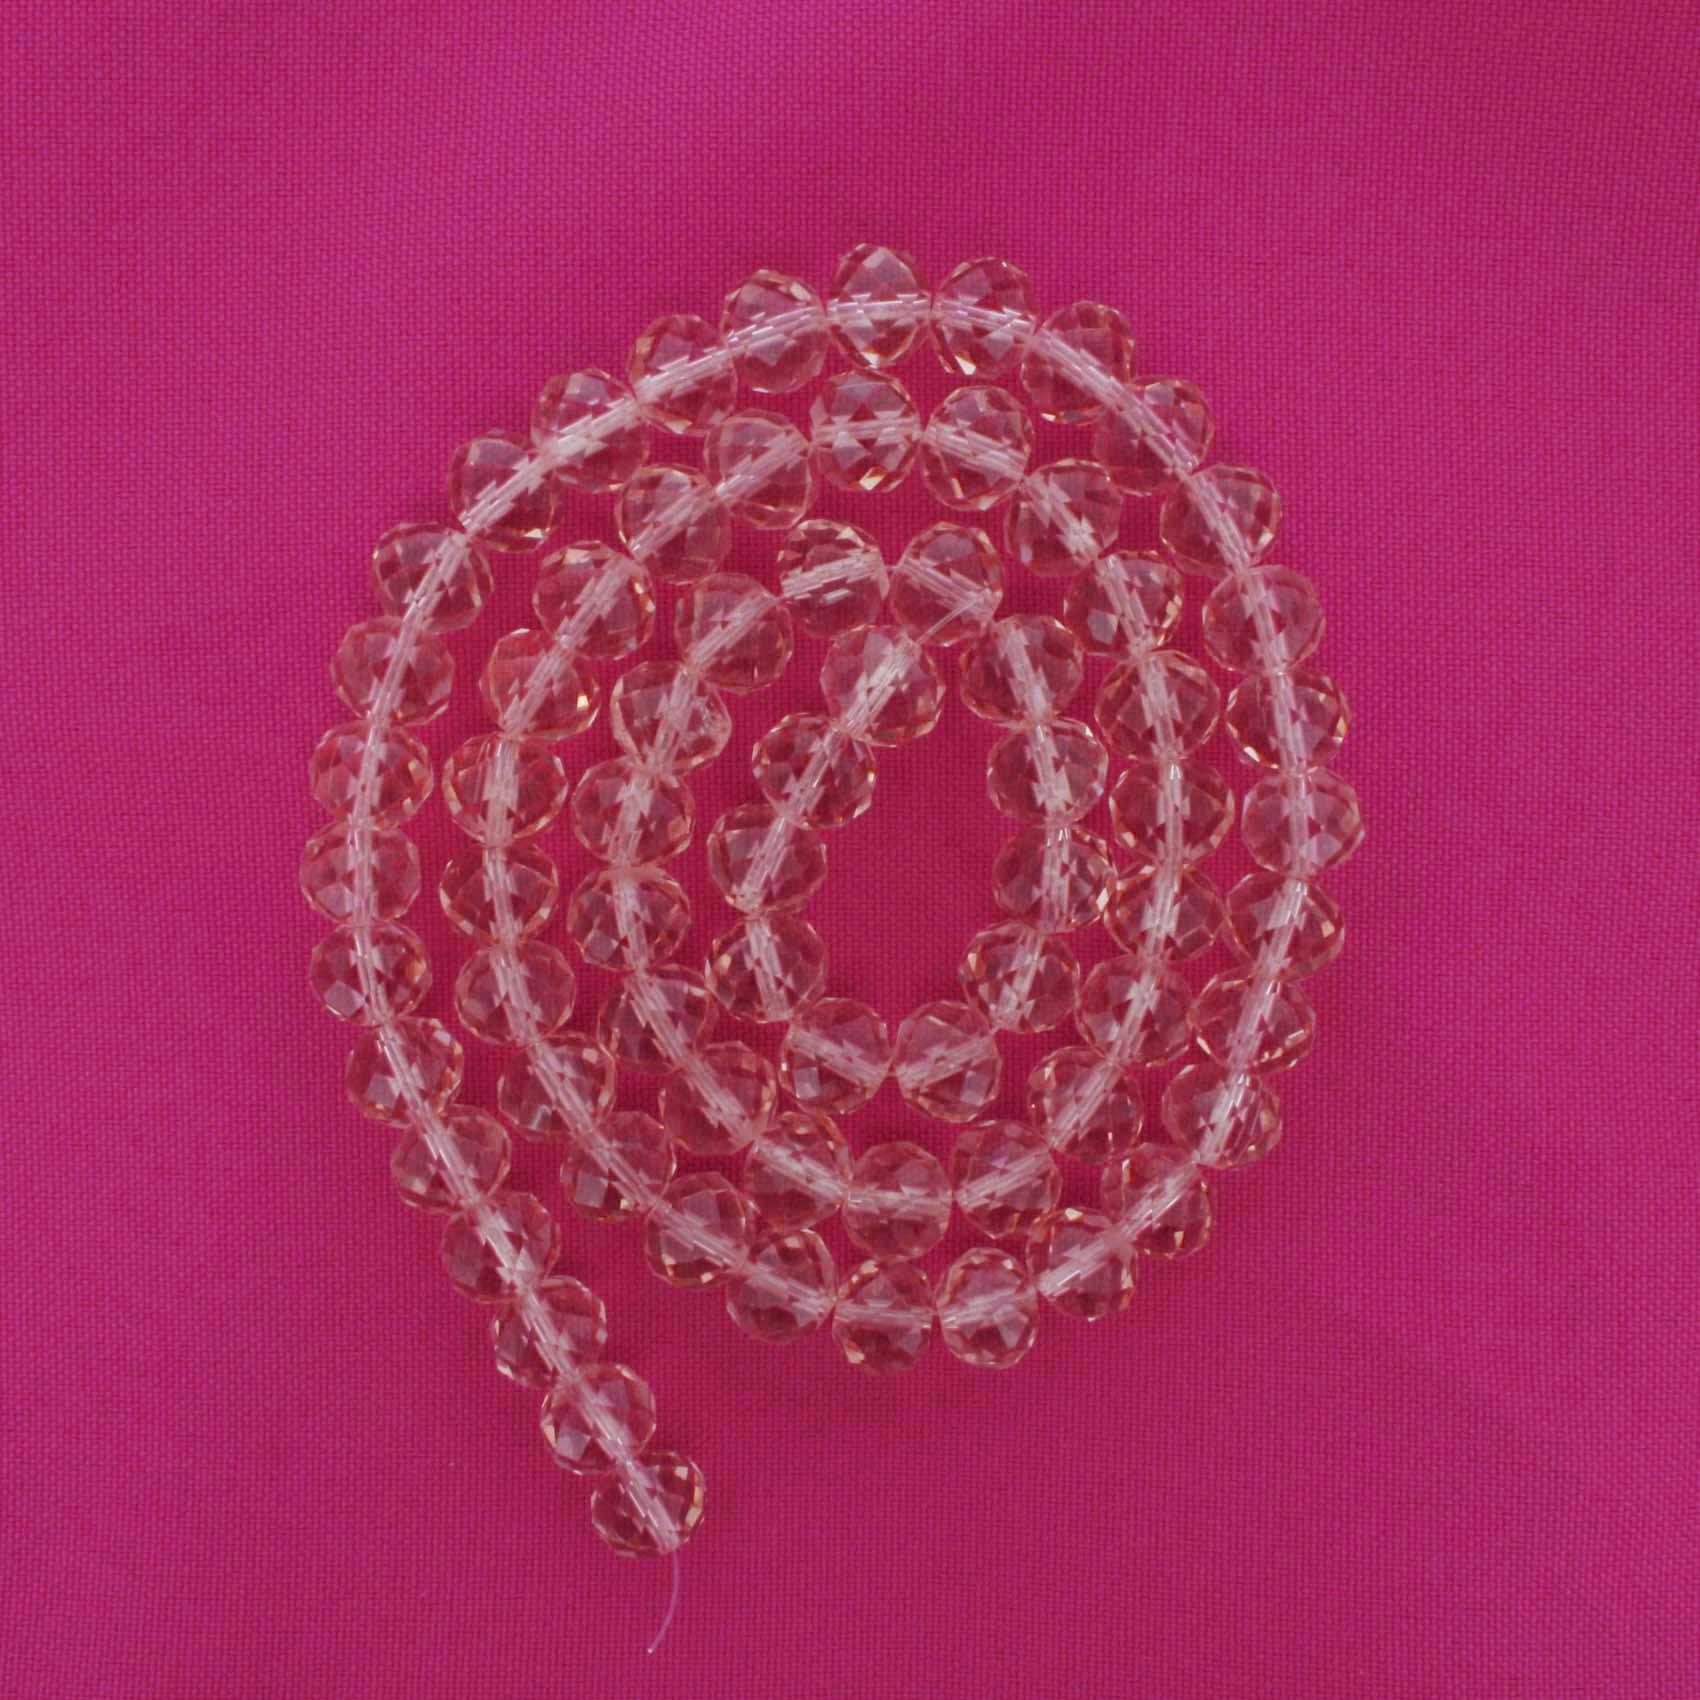 Fio de Cristal - Flat® - Rosa Transparente - 10mm  - Stéphanie Bijoux® - Peças para Bijuterias e Artesanato